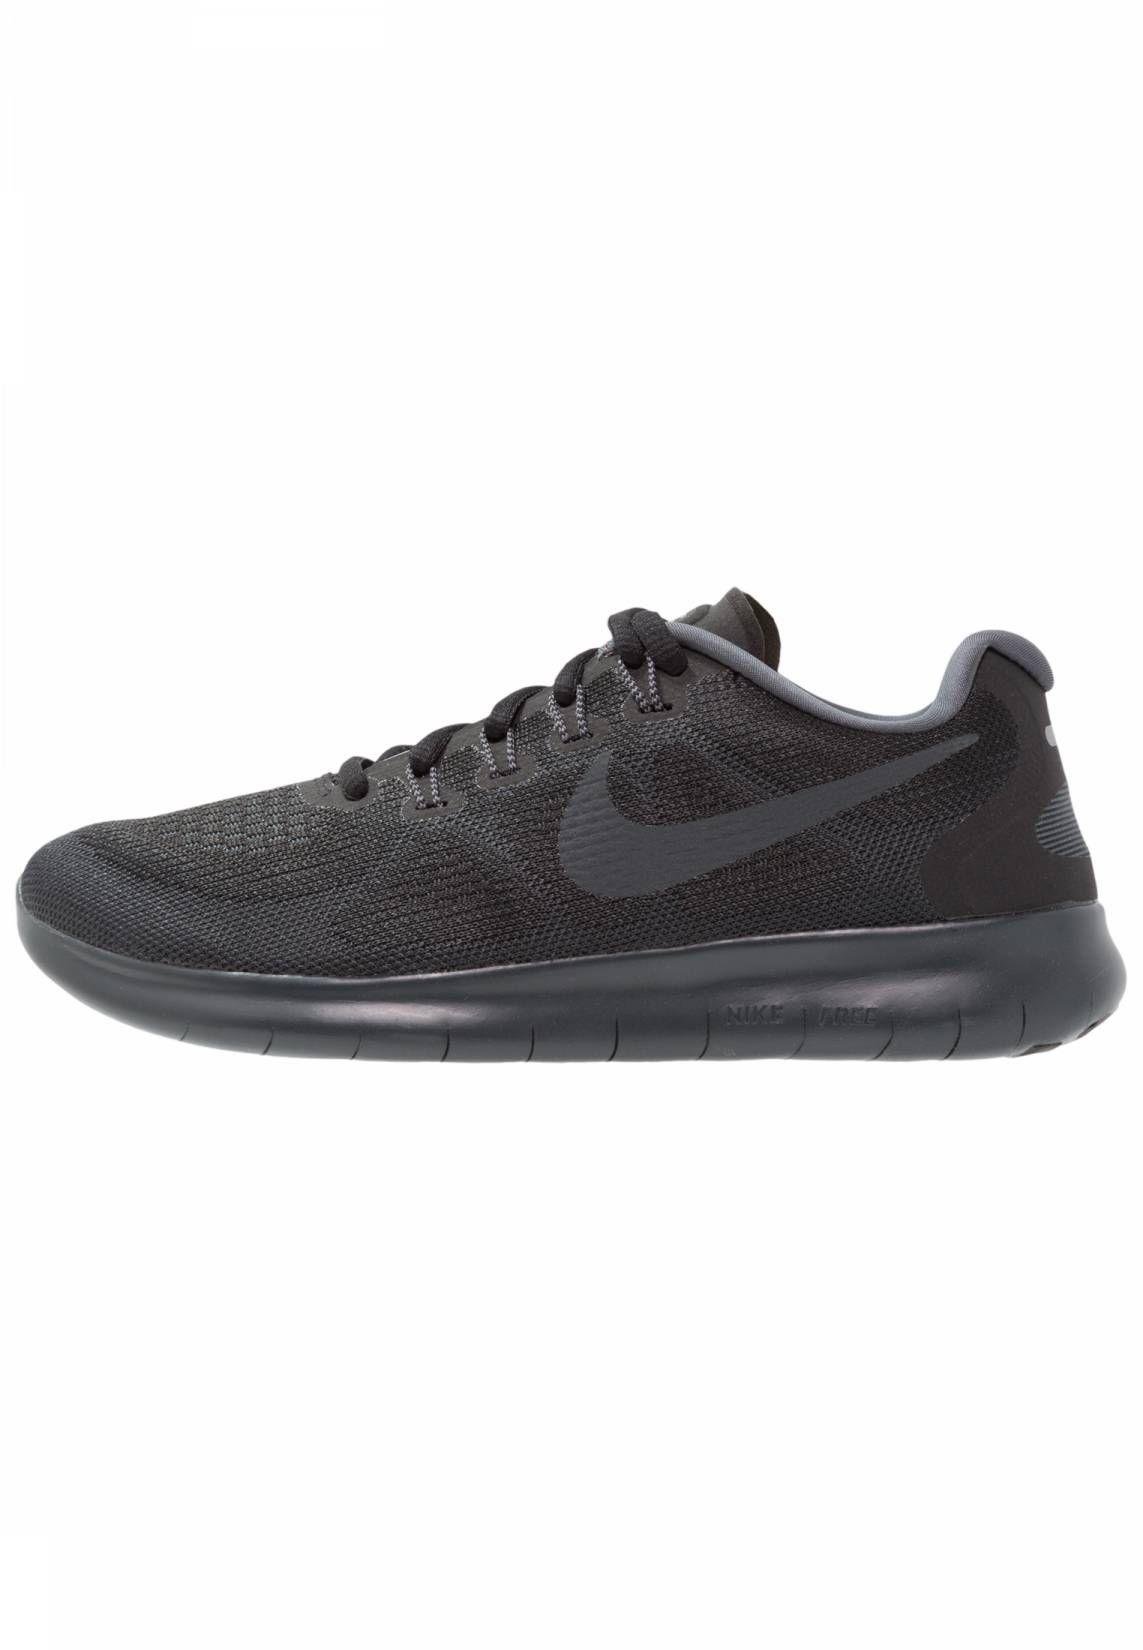 Nike Performance Free Run 2 Laufschuh Natural Running Black Sohle Kunststoff Innensohle Technologie Gepolsterte Ortholite Decks Laufschuhe Nike Schuhe